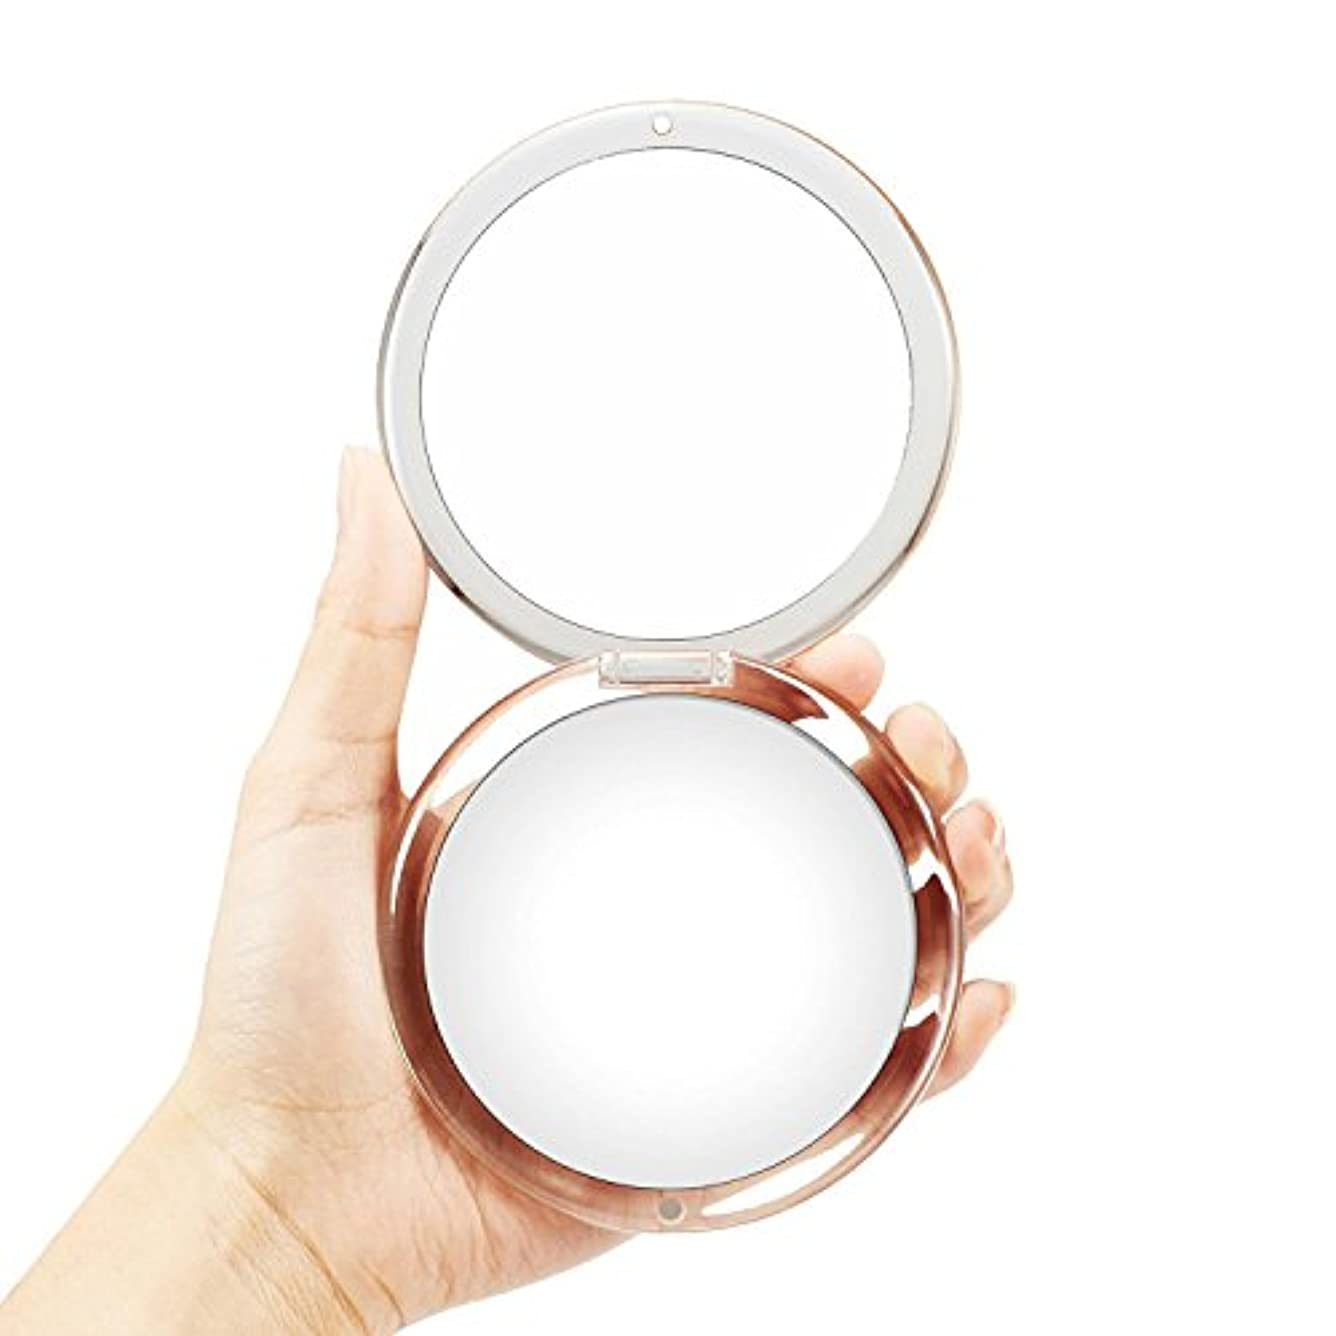 OMIRO折り畳み式ポータブルレンズ、5倍拡大鏡90mmポケットラウンドハンドヘルドメイクアップミラー(シルバー)